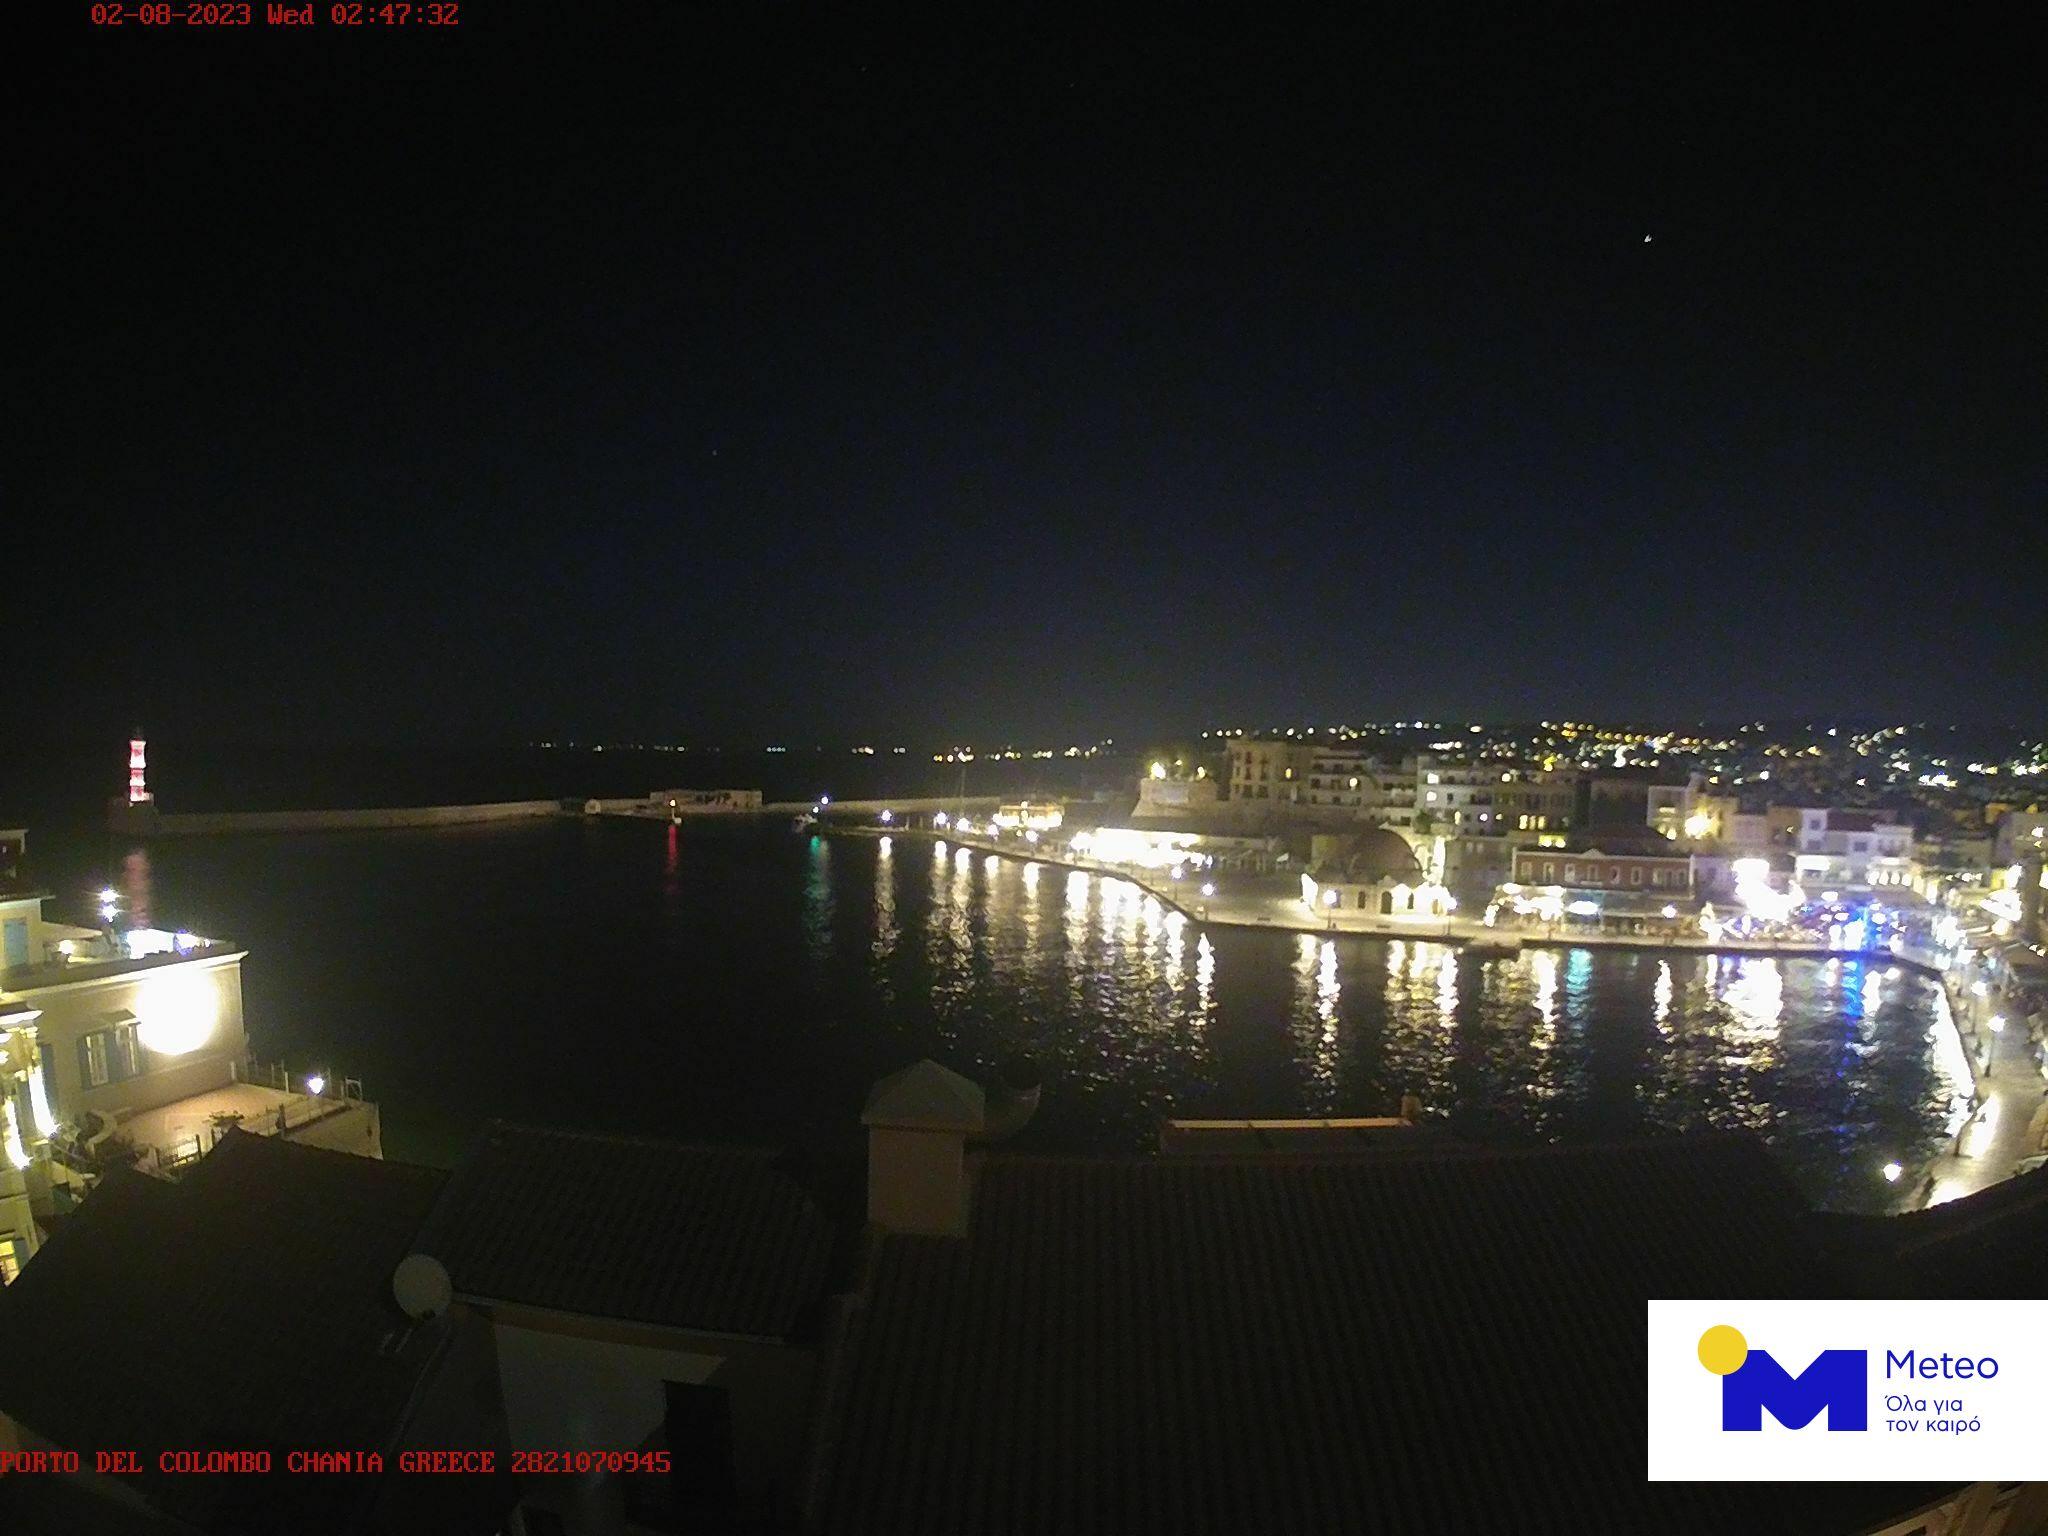 Chania (Crete) Mon. 02:51